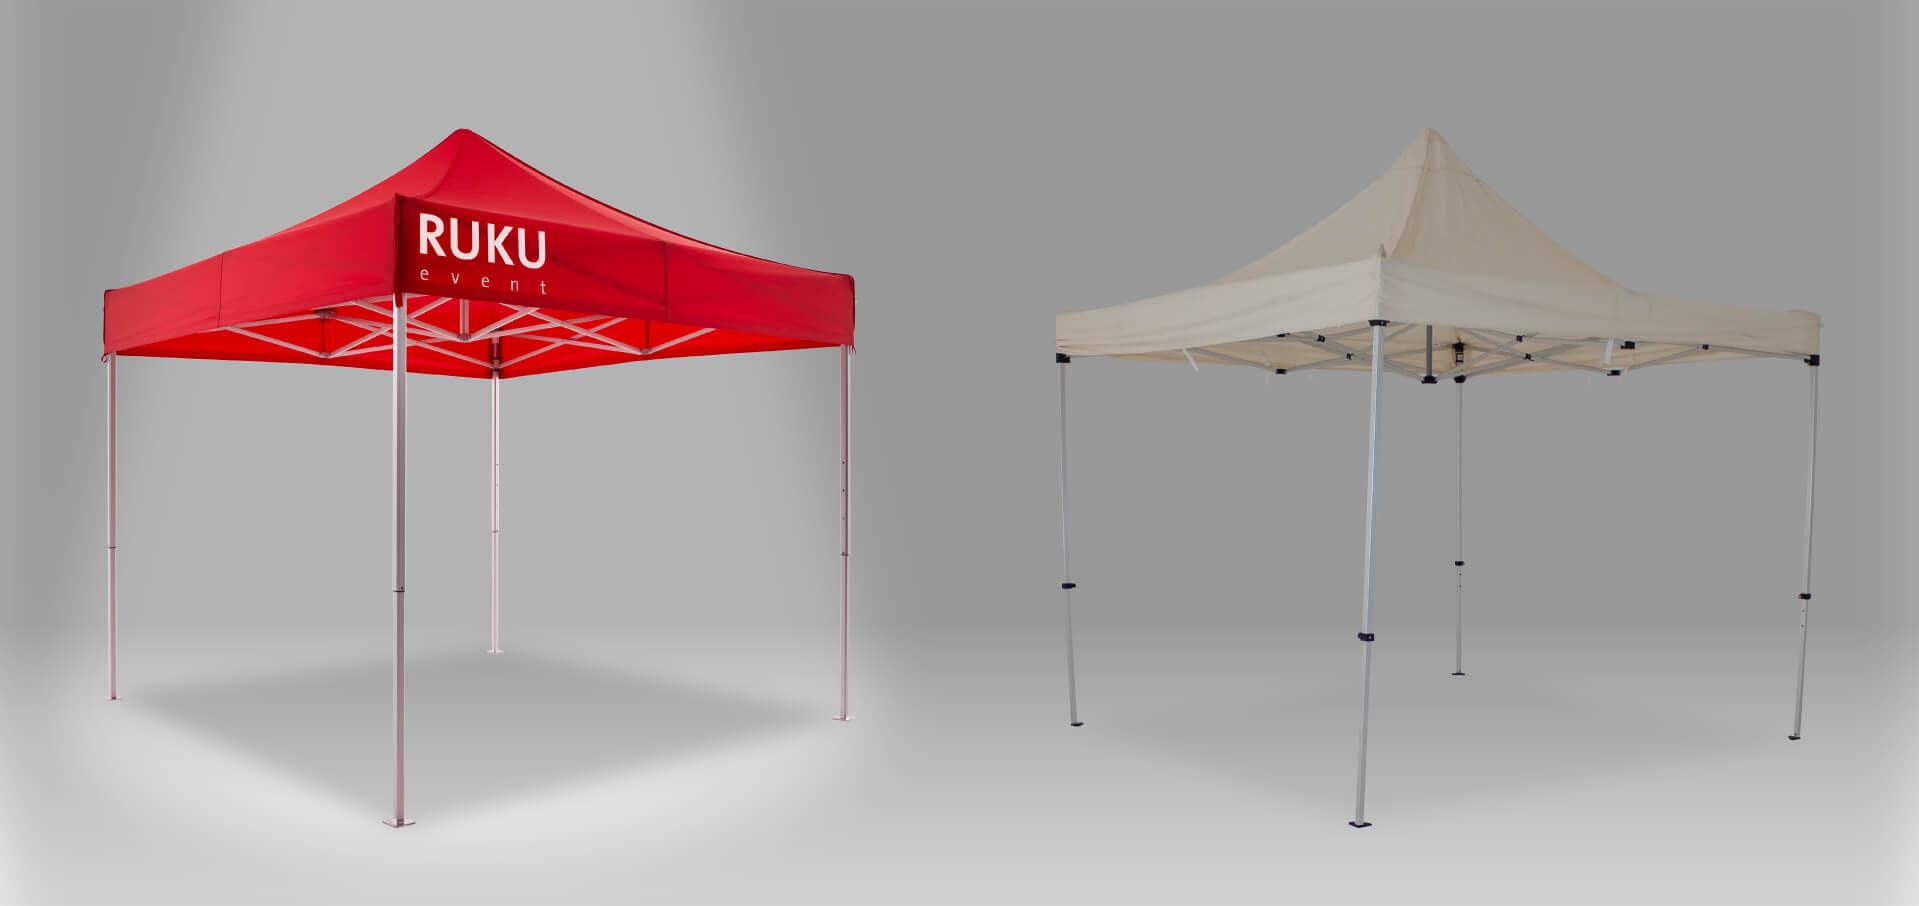 Roter RUKUevent Faltpavillon im Vergleich zu einem beigen Faltpavillon eines anderen Anbieters